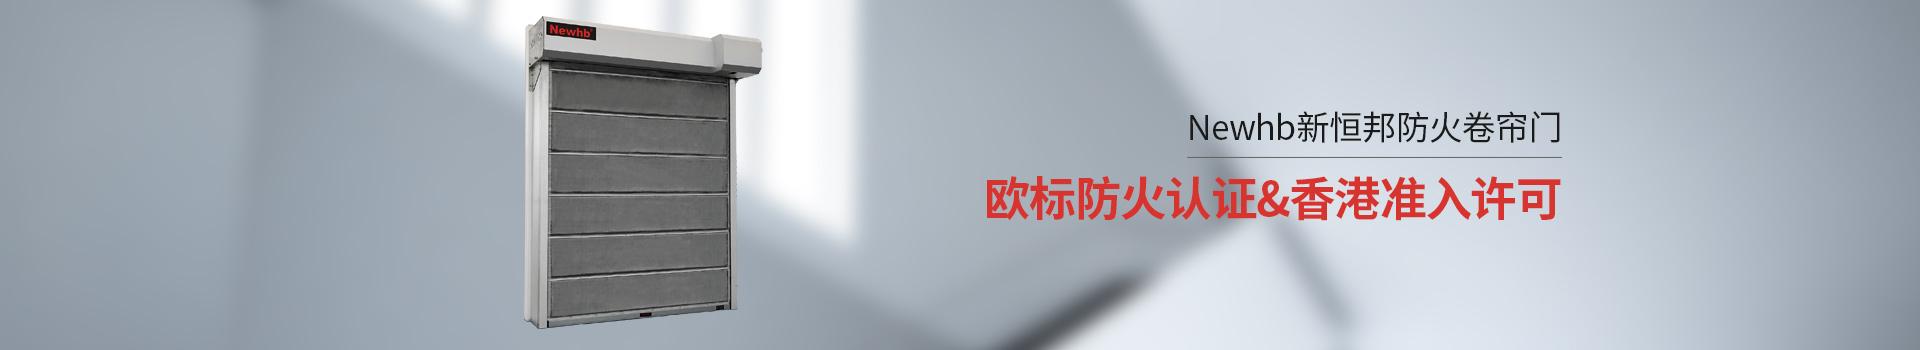 Newhb新恒邦防火卷帘门欧标防火认证&香港准入许可